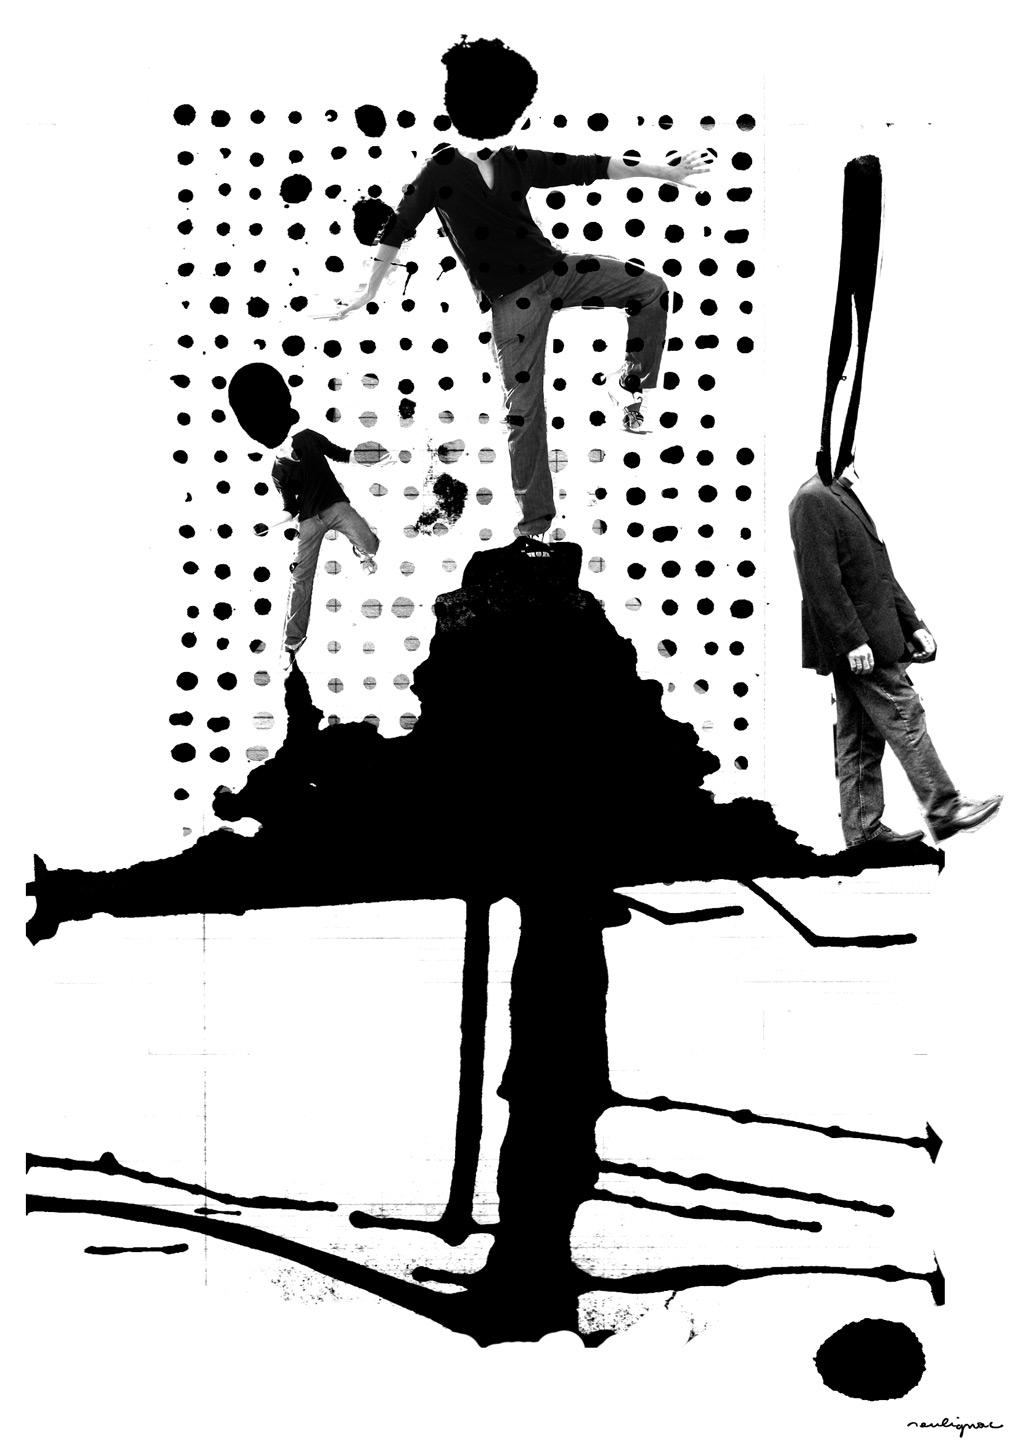 Francois Soulignac - Revue Jeunèse - Université Paris 8 - University of Paris 8 - Poster BALANCE